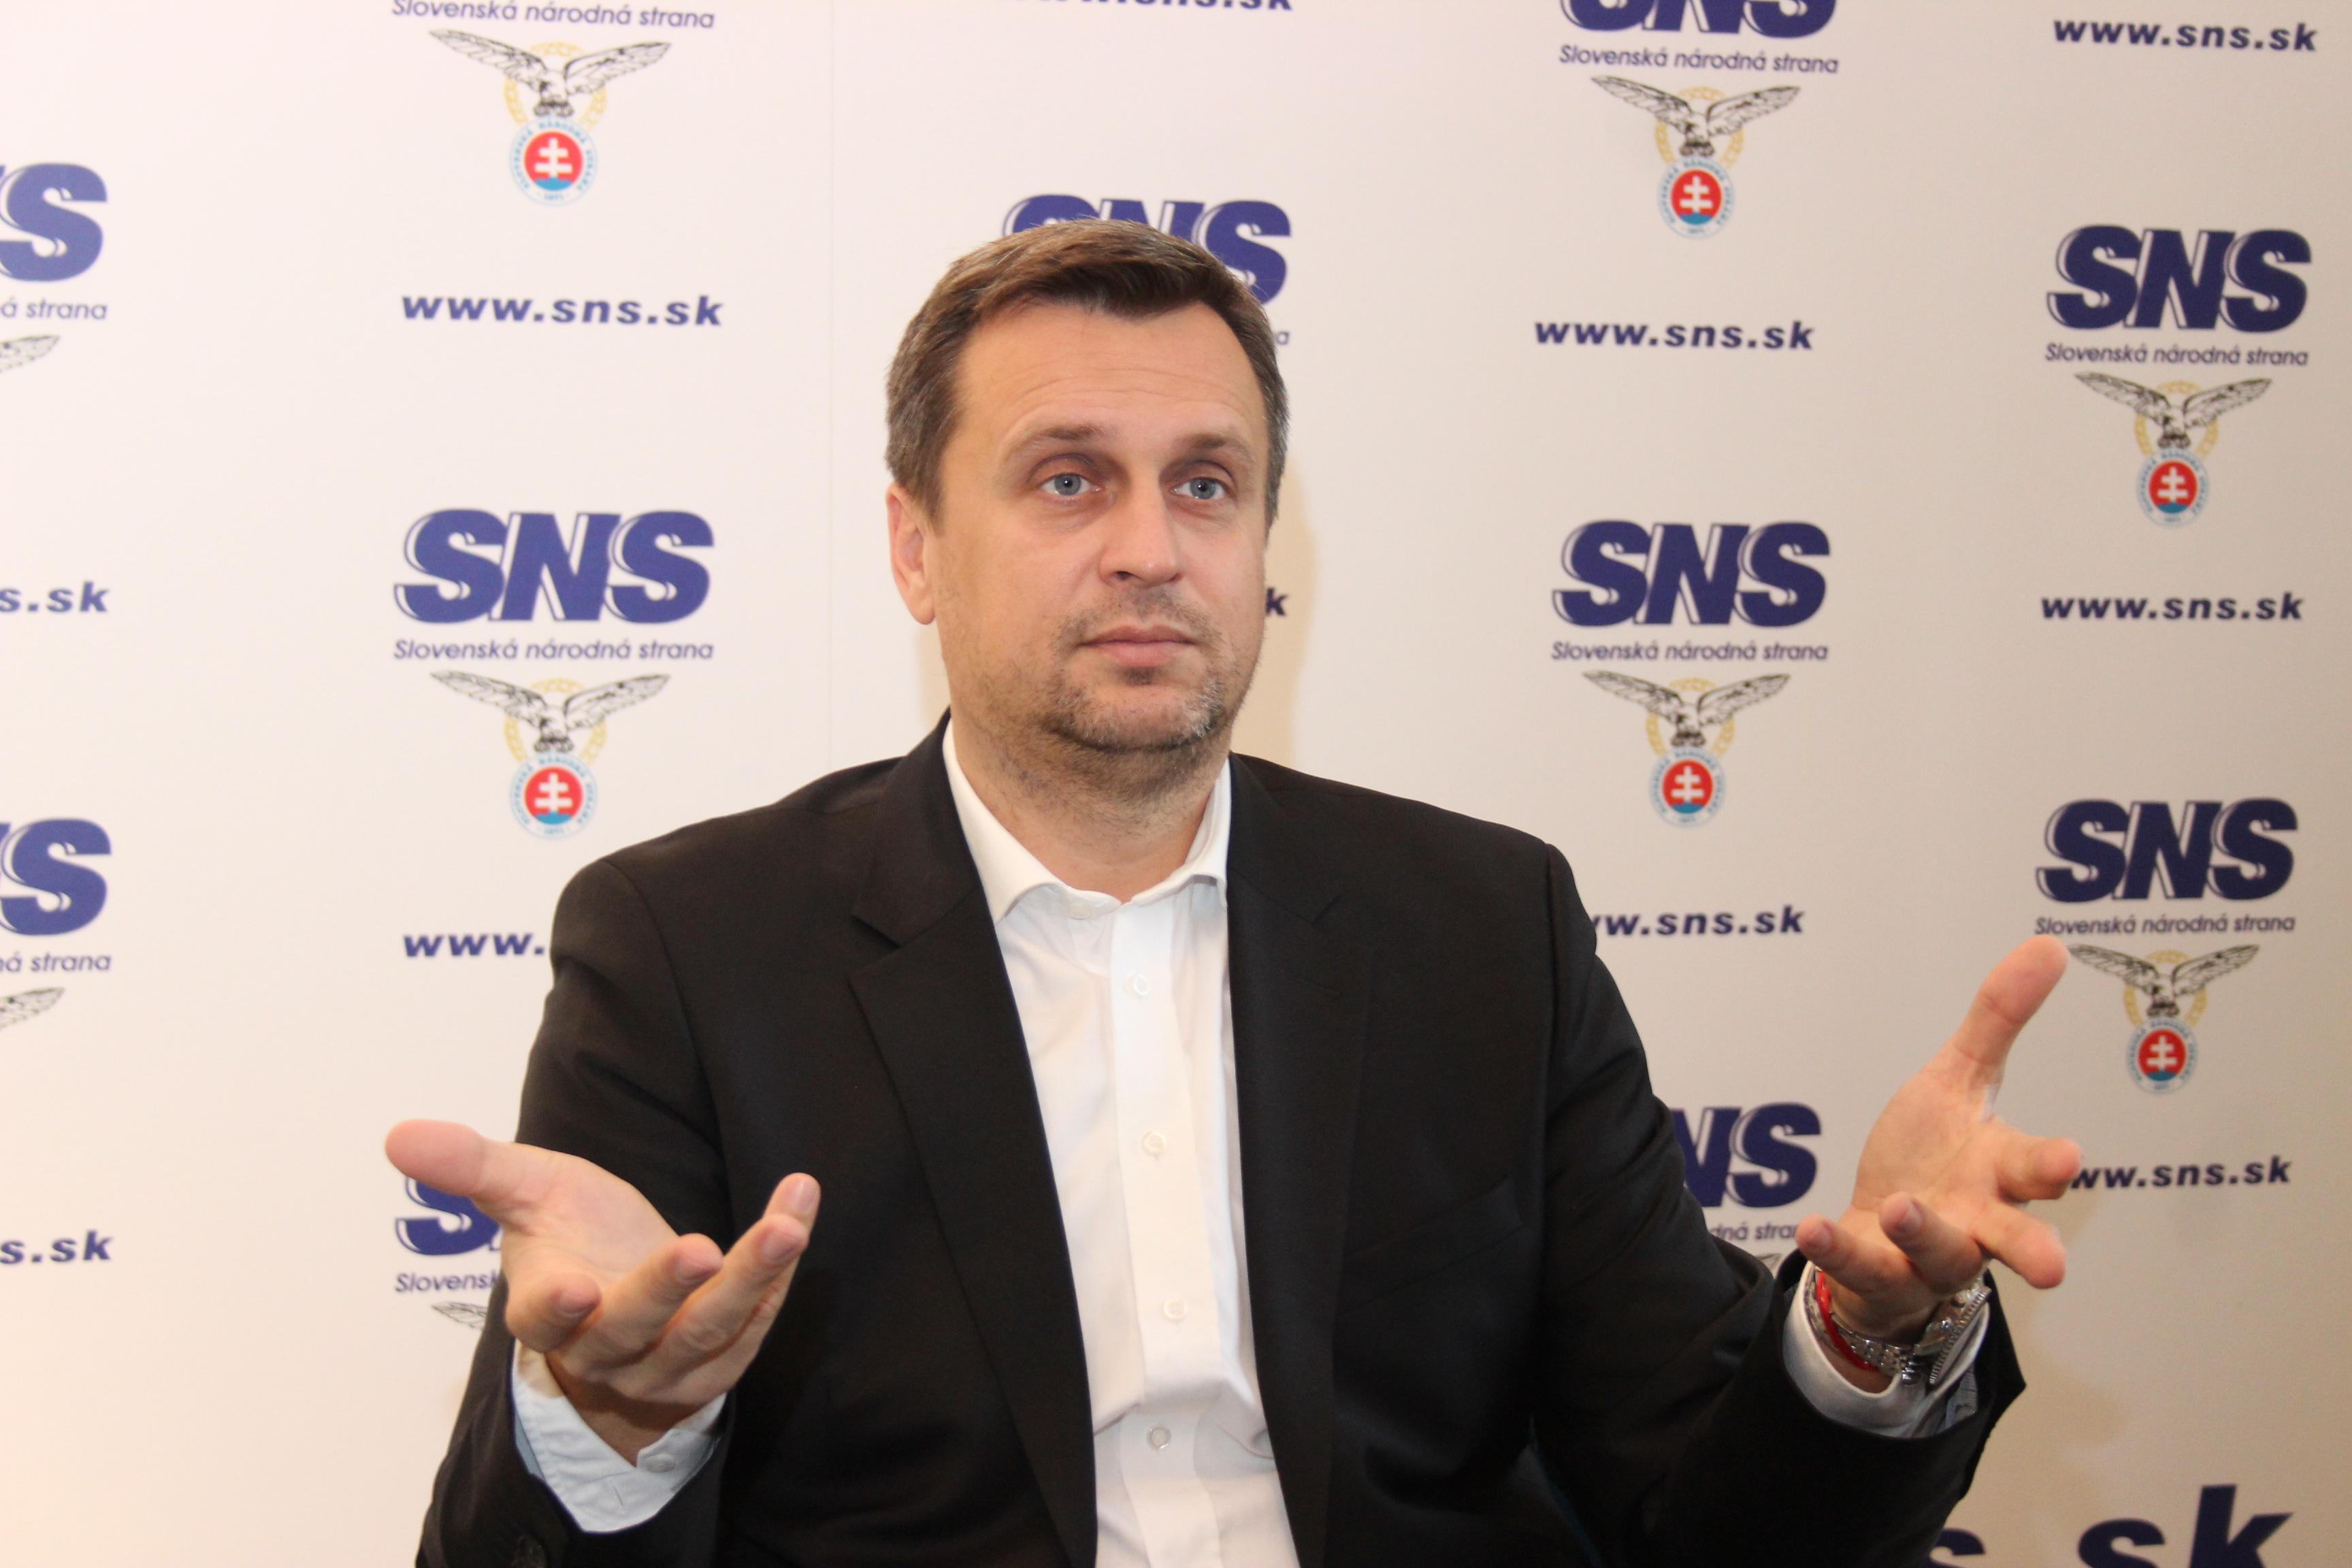 Predseda SNS Andrej Danko považuje predaj podielu Slovenských elektrární za škandalózny. (Foto: Michaela Kolimárová)